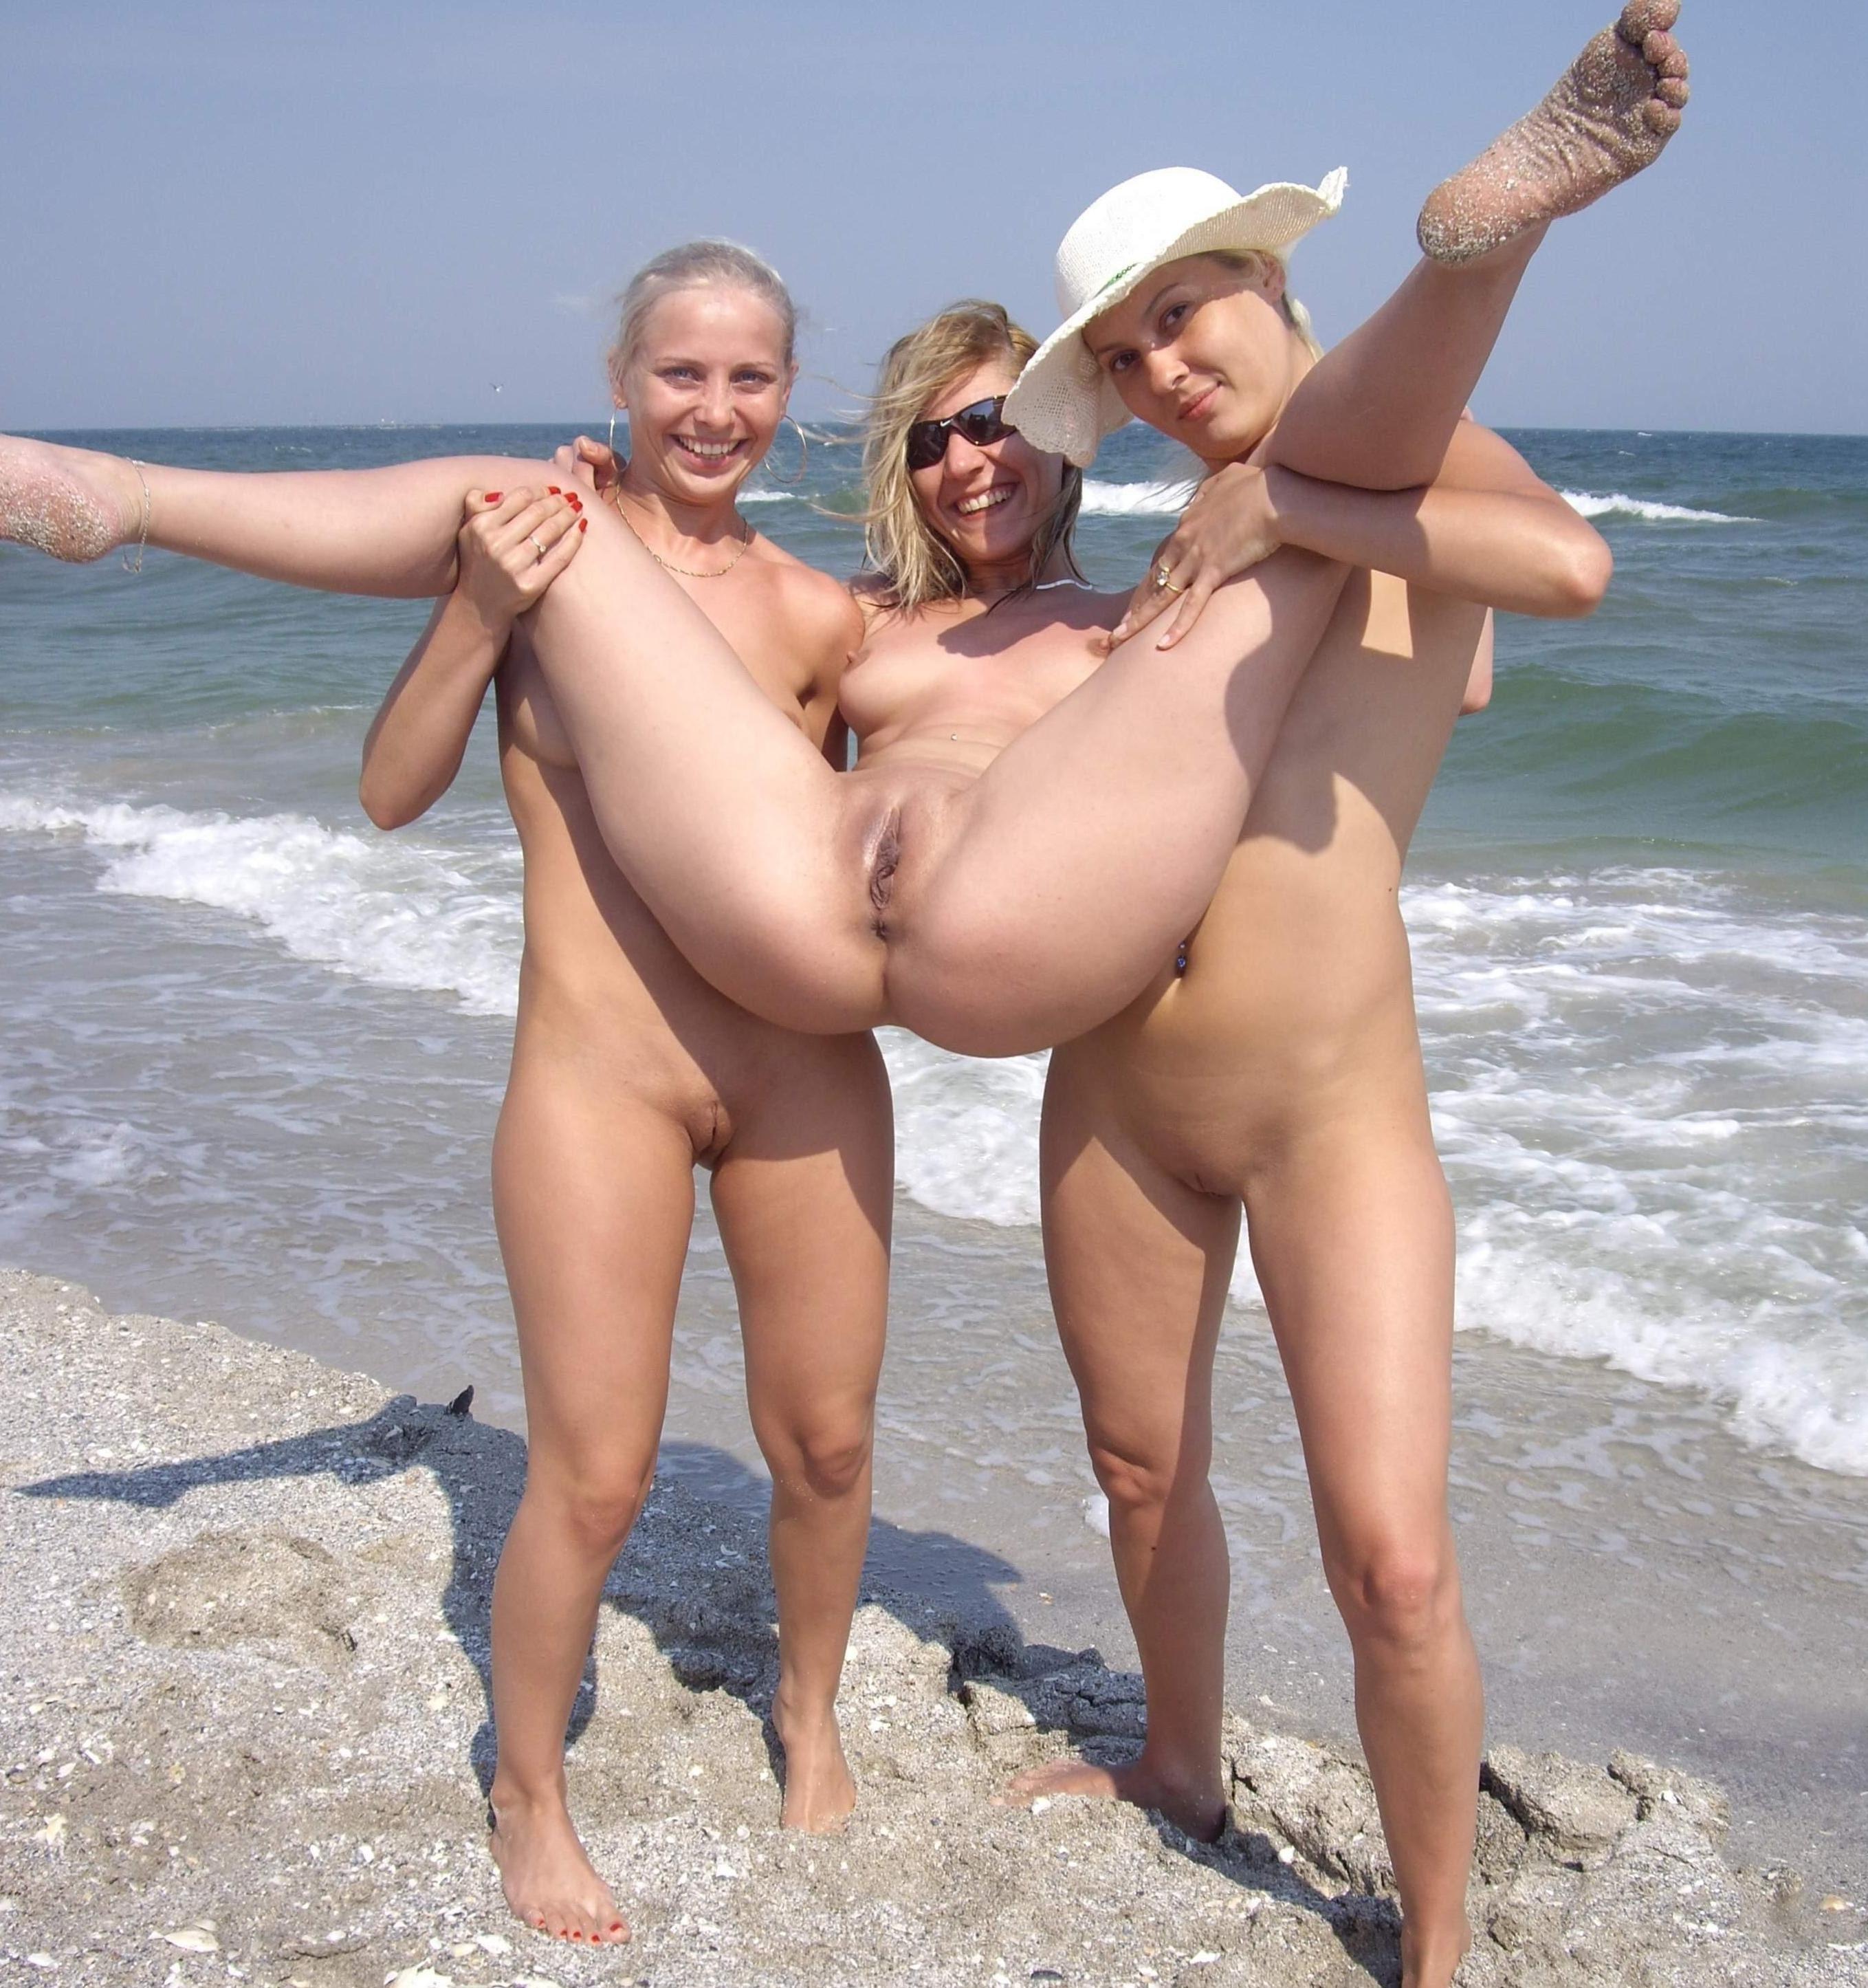 Fantastisches Nacktfoto von geilen FKK-Frauen am Meer